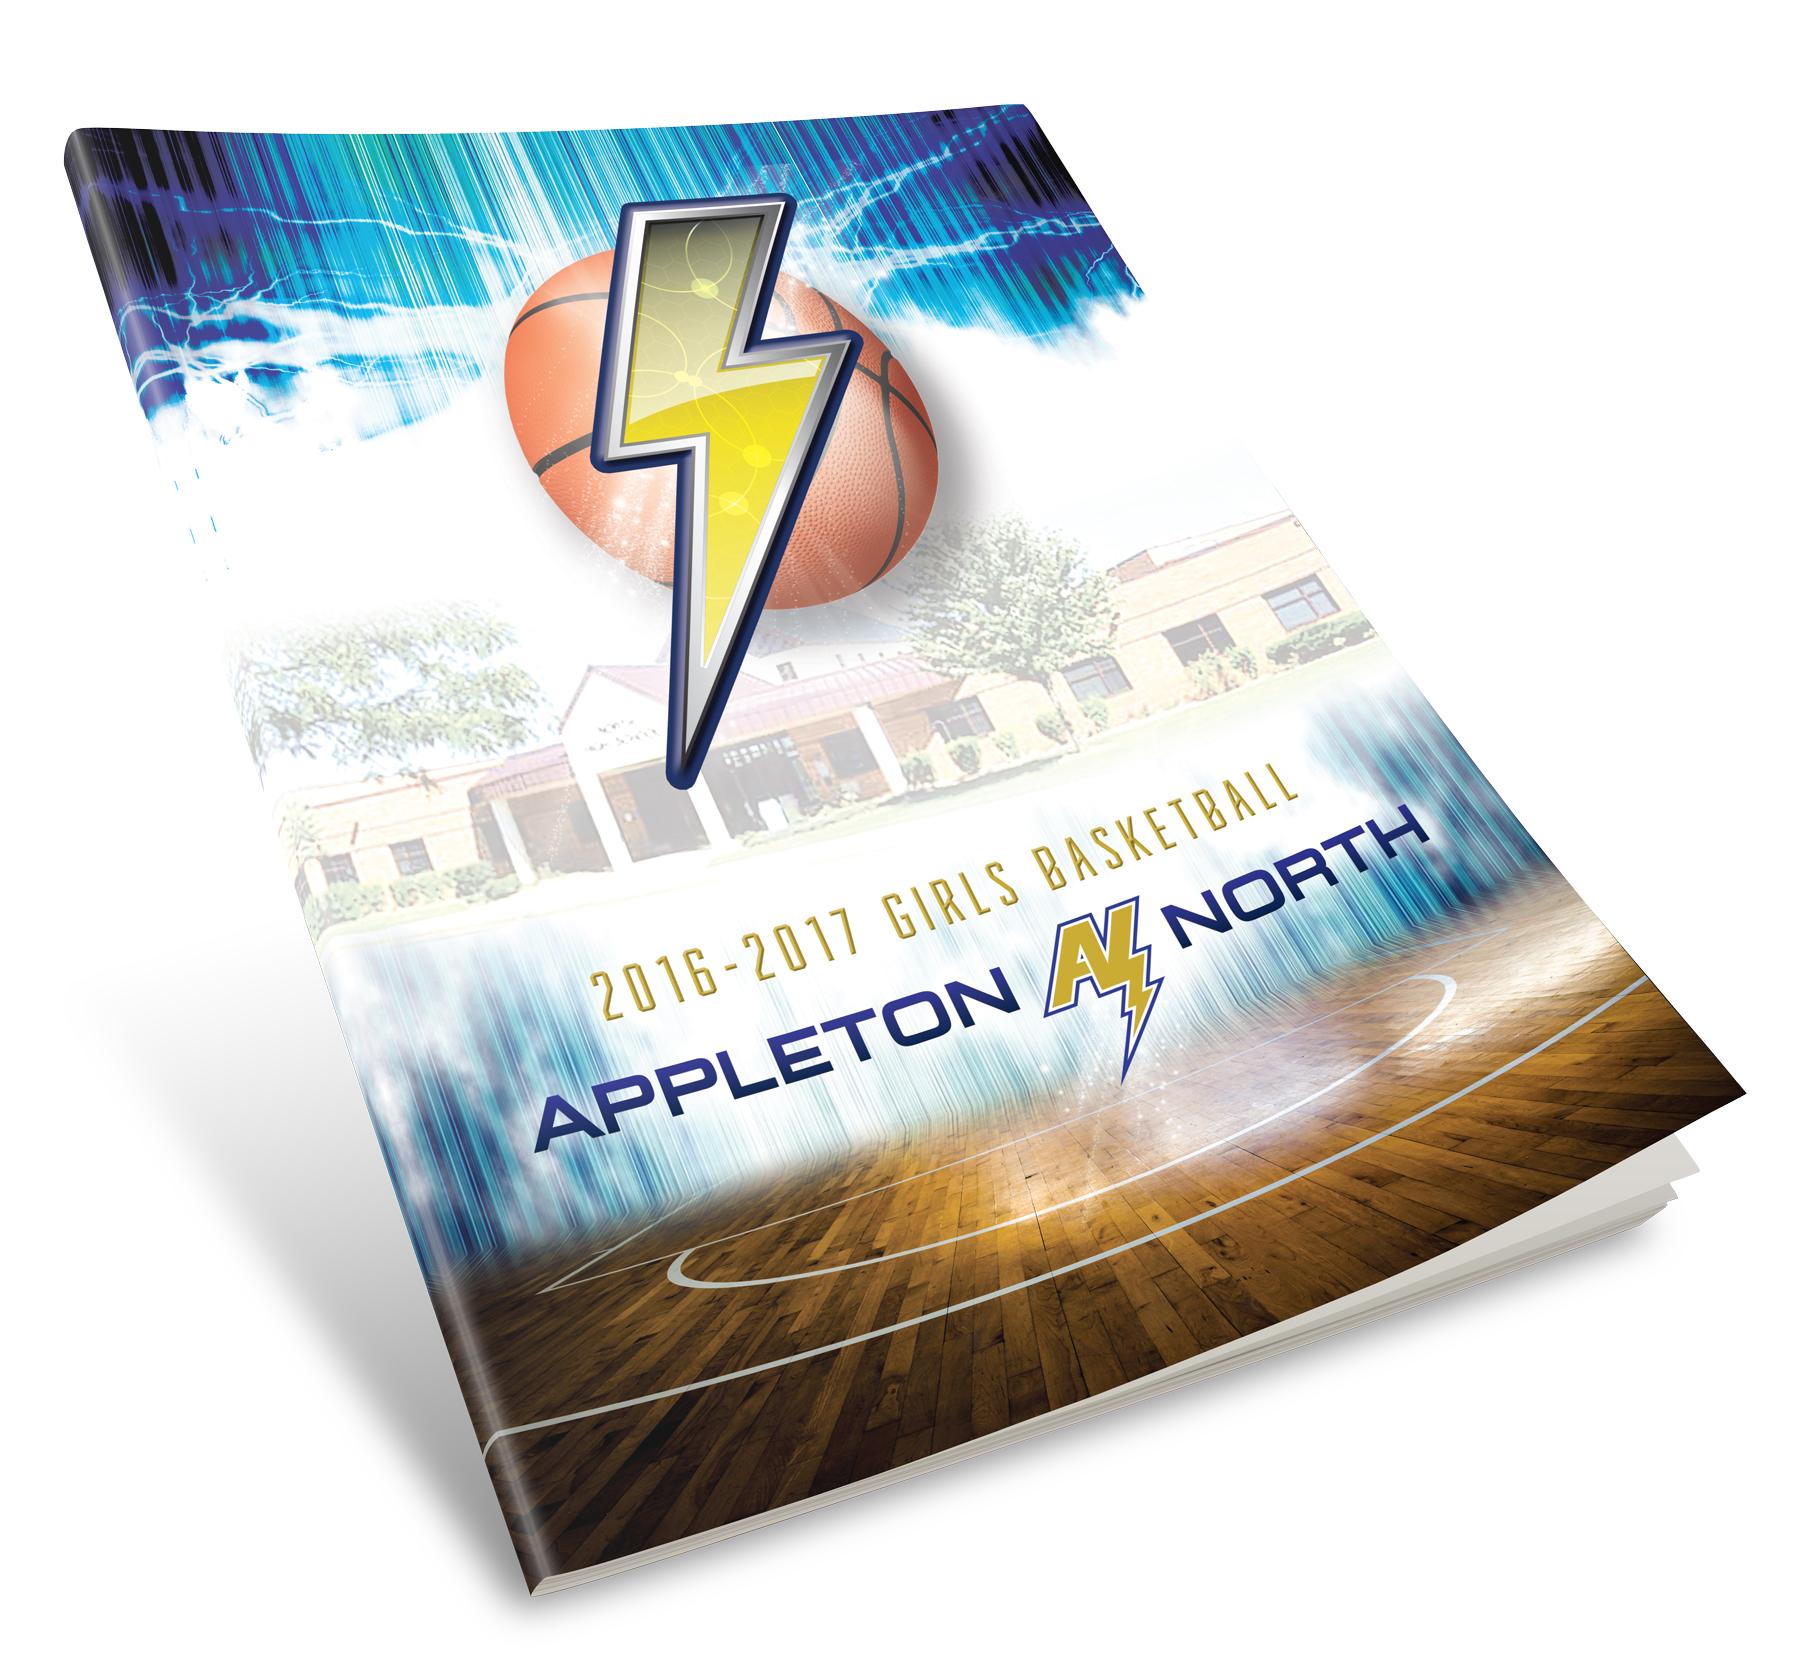 FrtCvrMockup_AppletonBasketball